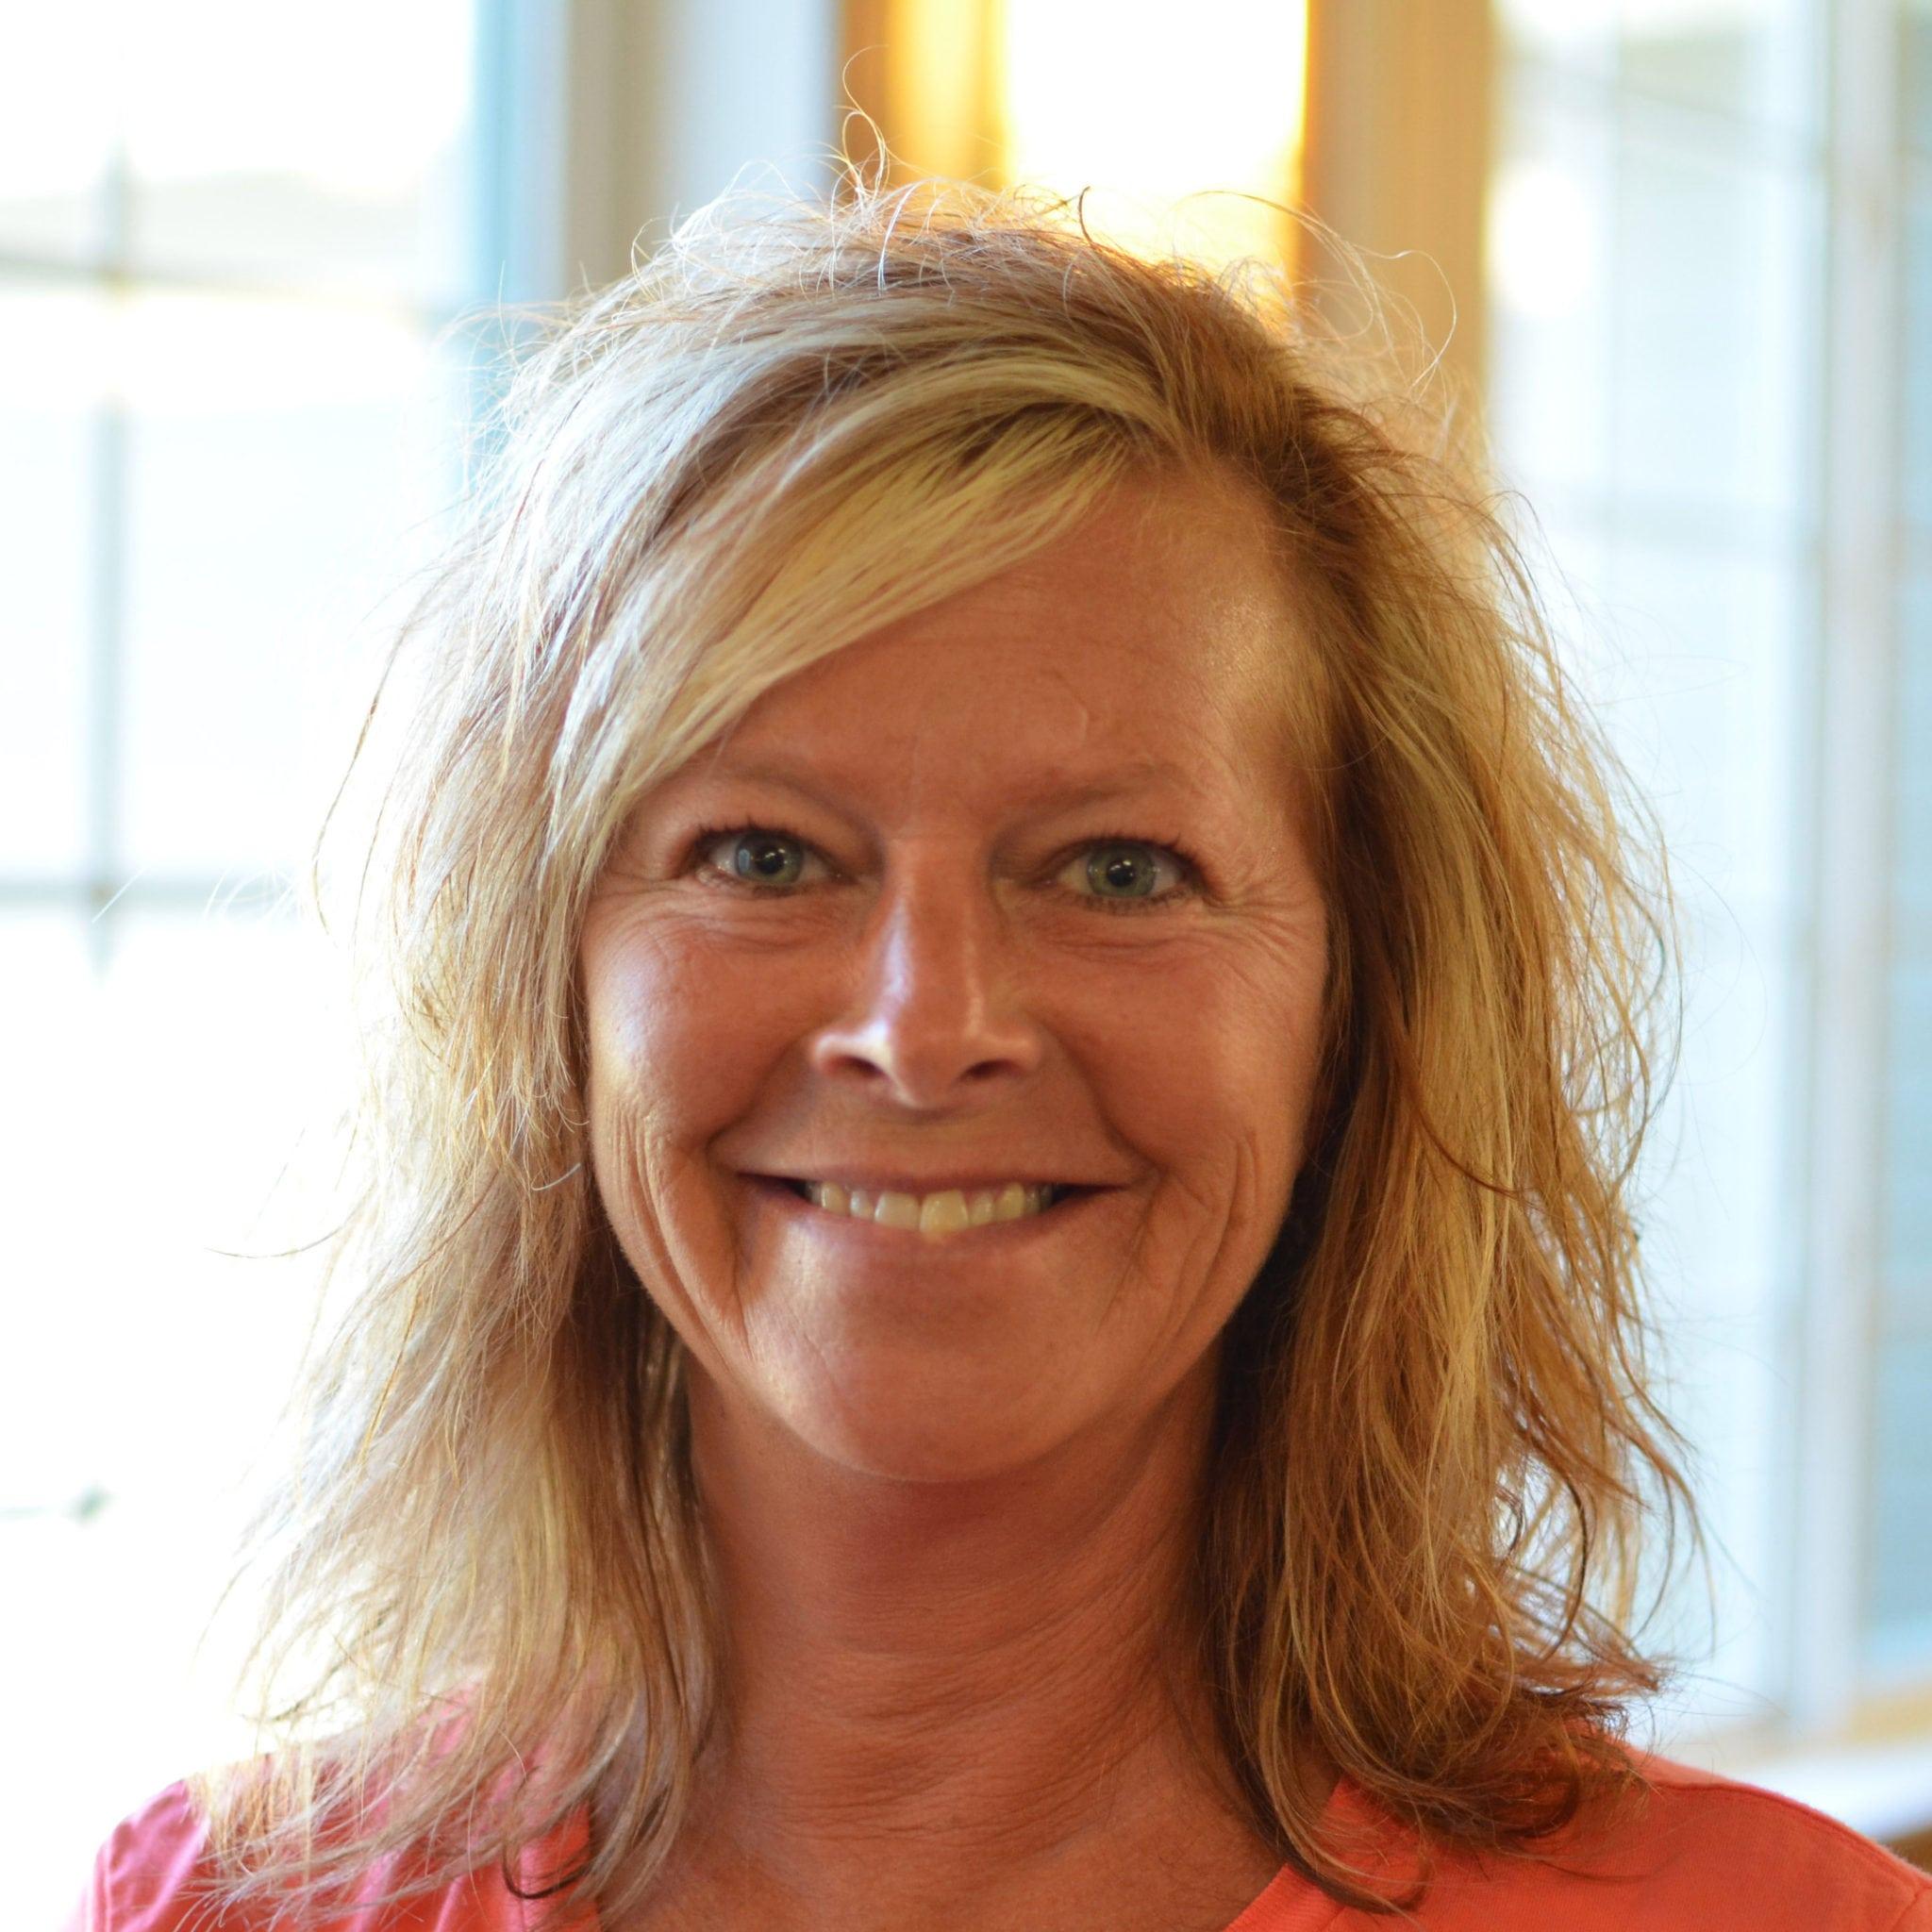 Melanie Klinkhammer | Kinder Care Assisted Living